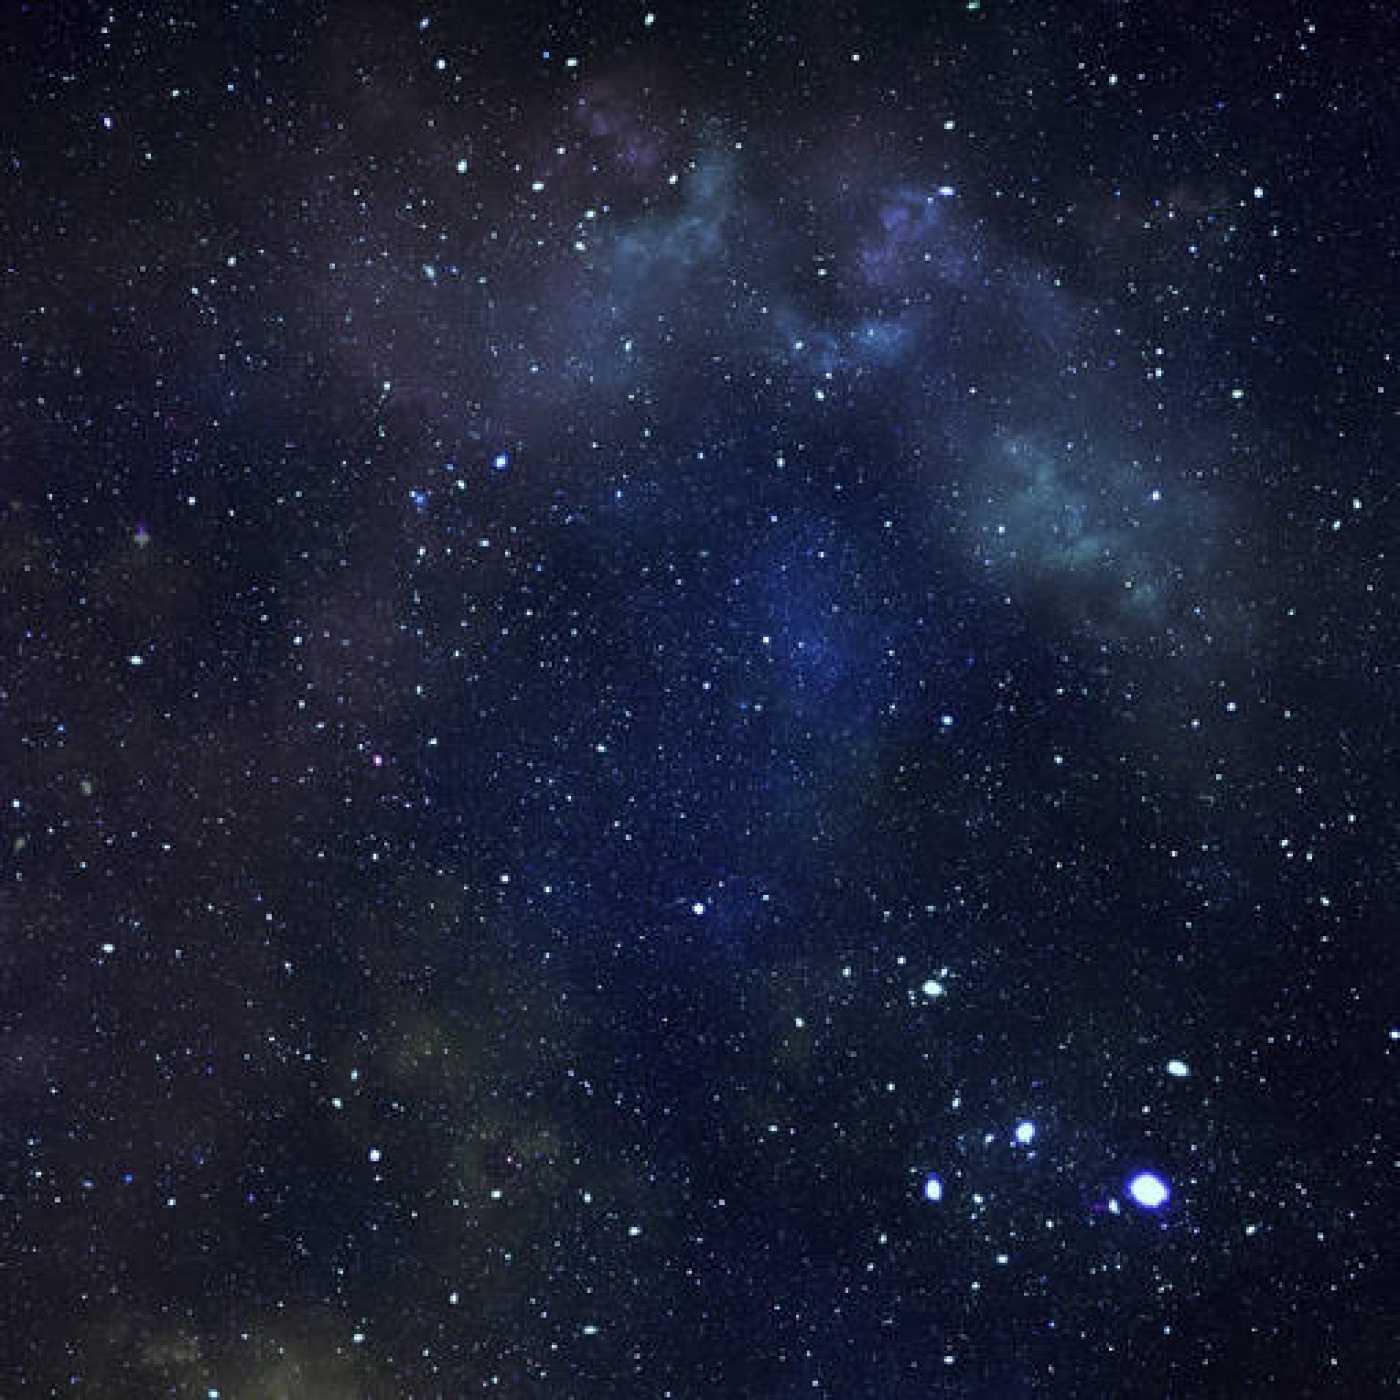 Las estrellas no dejan de emitir luz en ningún momento, pero se percibe de forma diferente por las perturbaciones atmosféricas